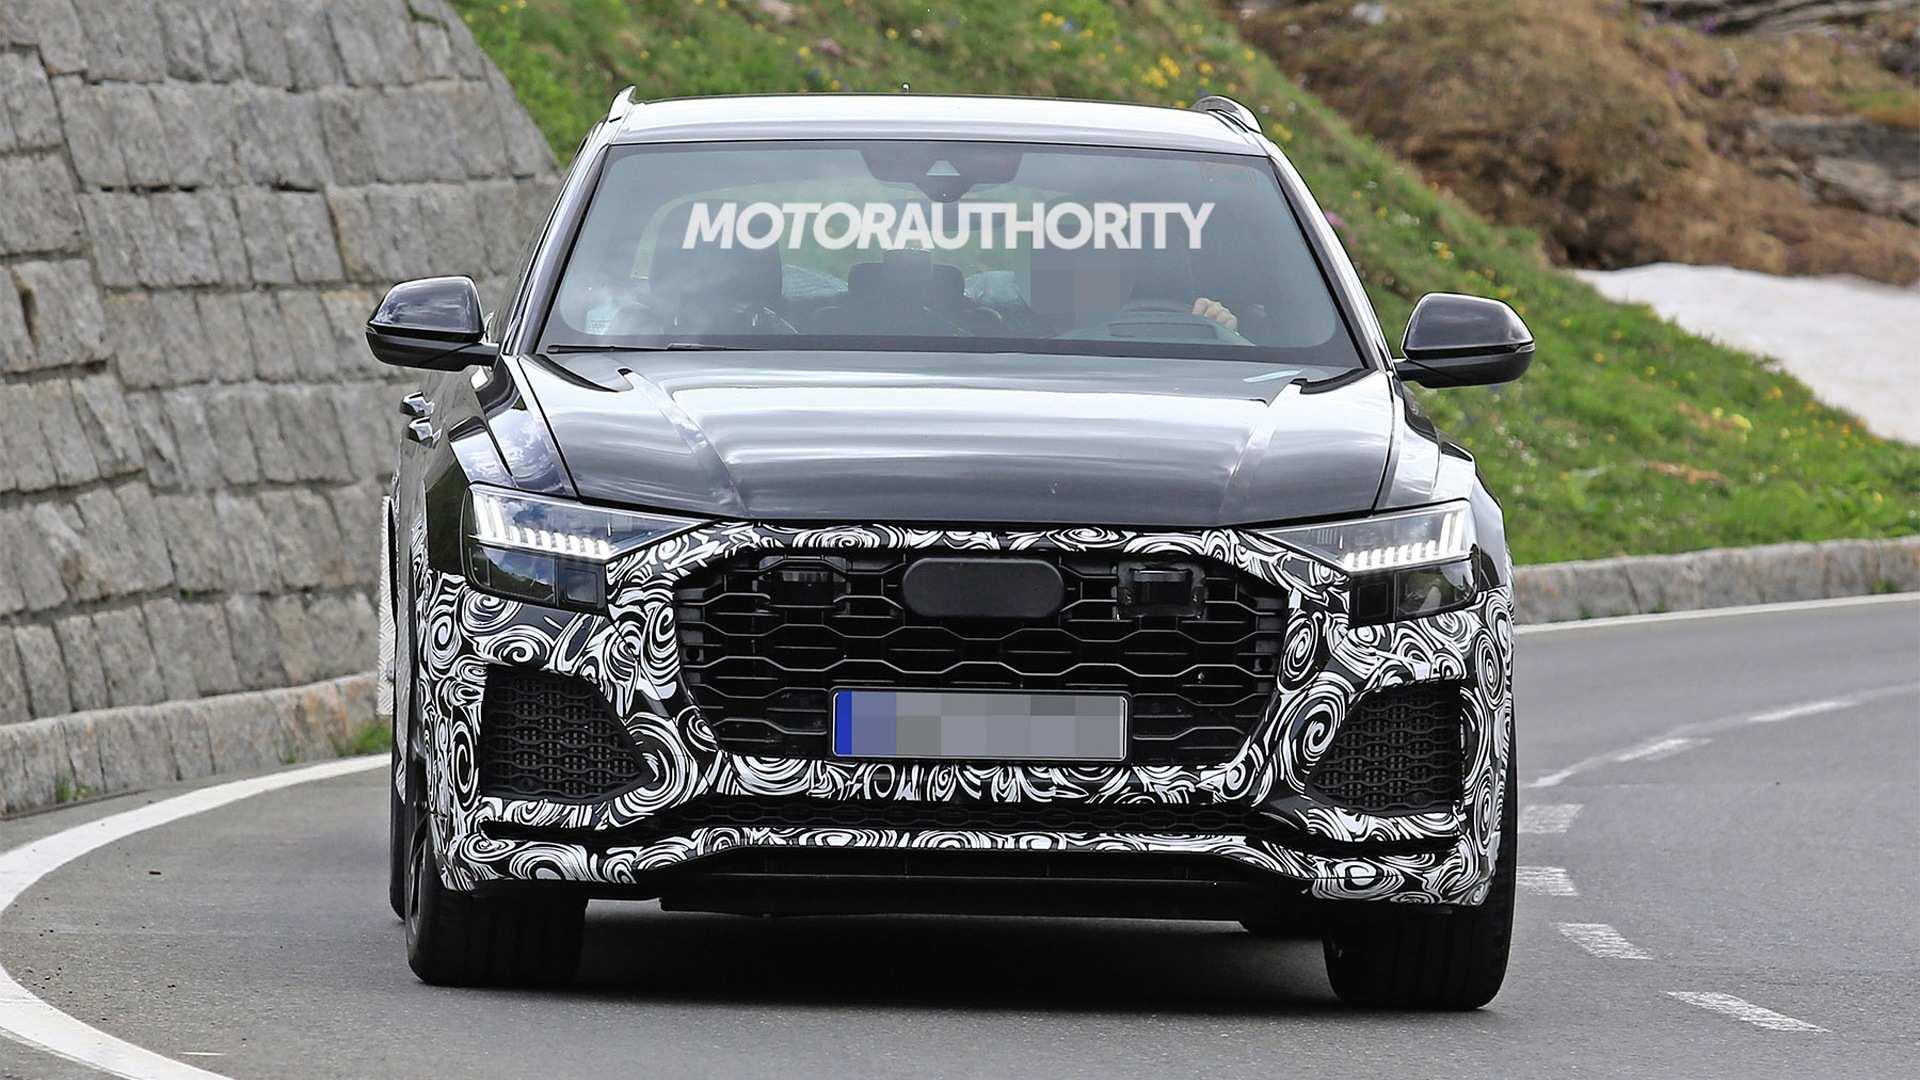 65 Gallery of Audi Motoren 2020 Pictures with Audi Motoren 2020